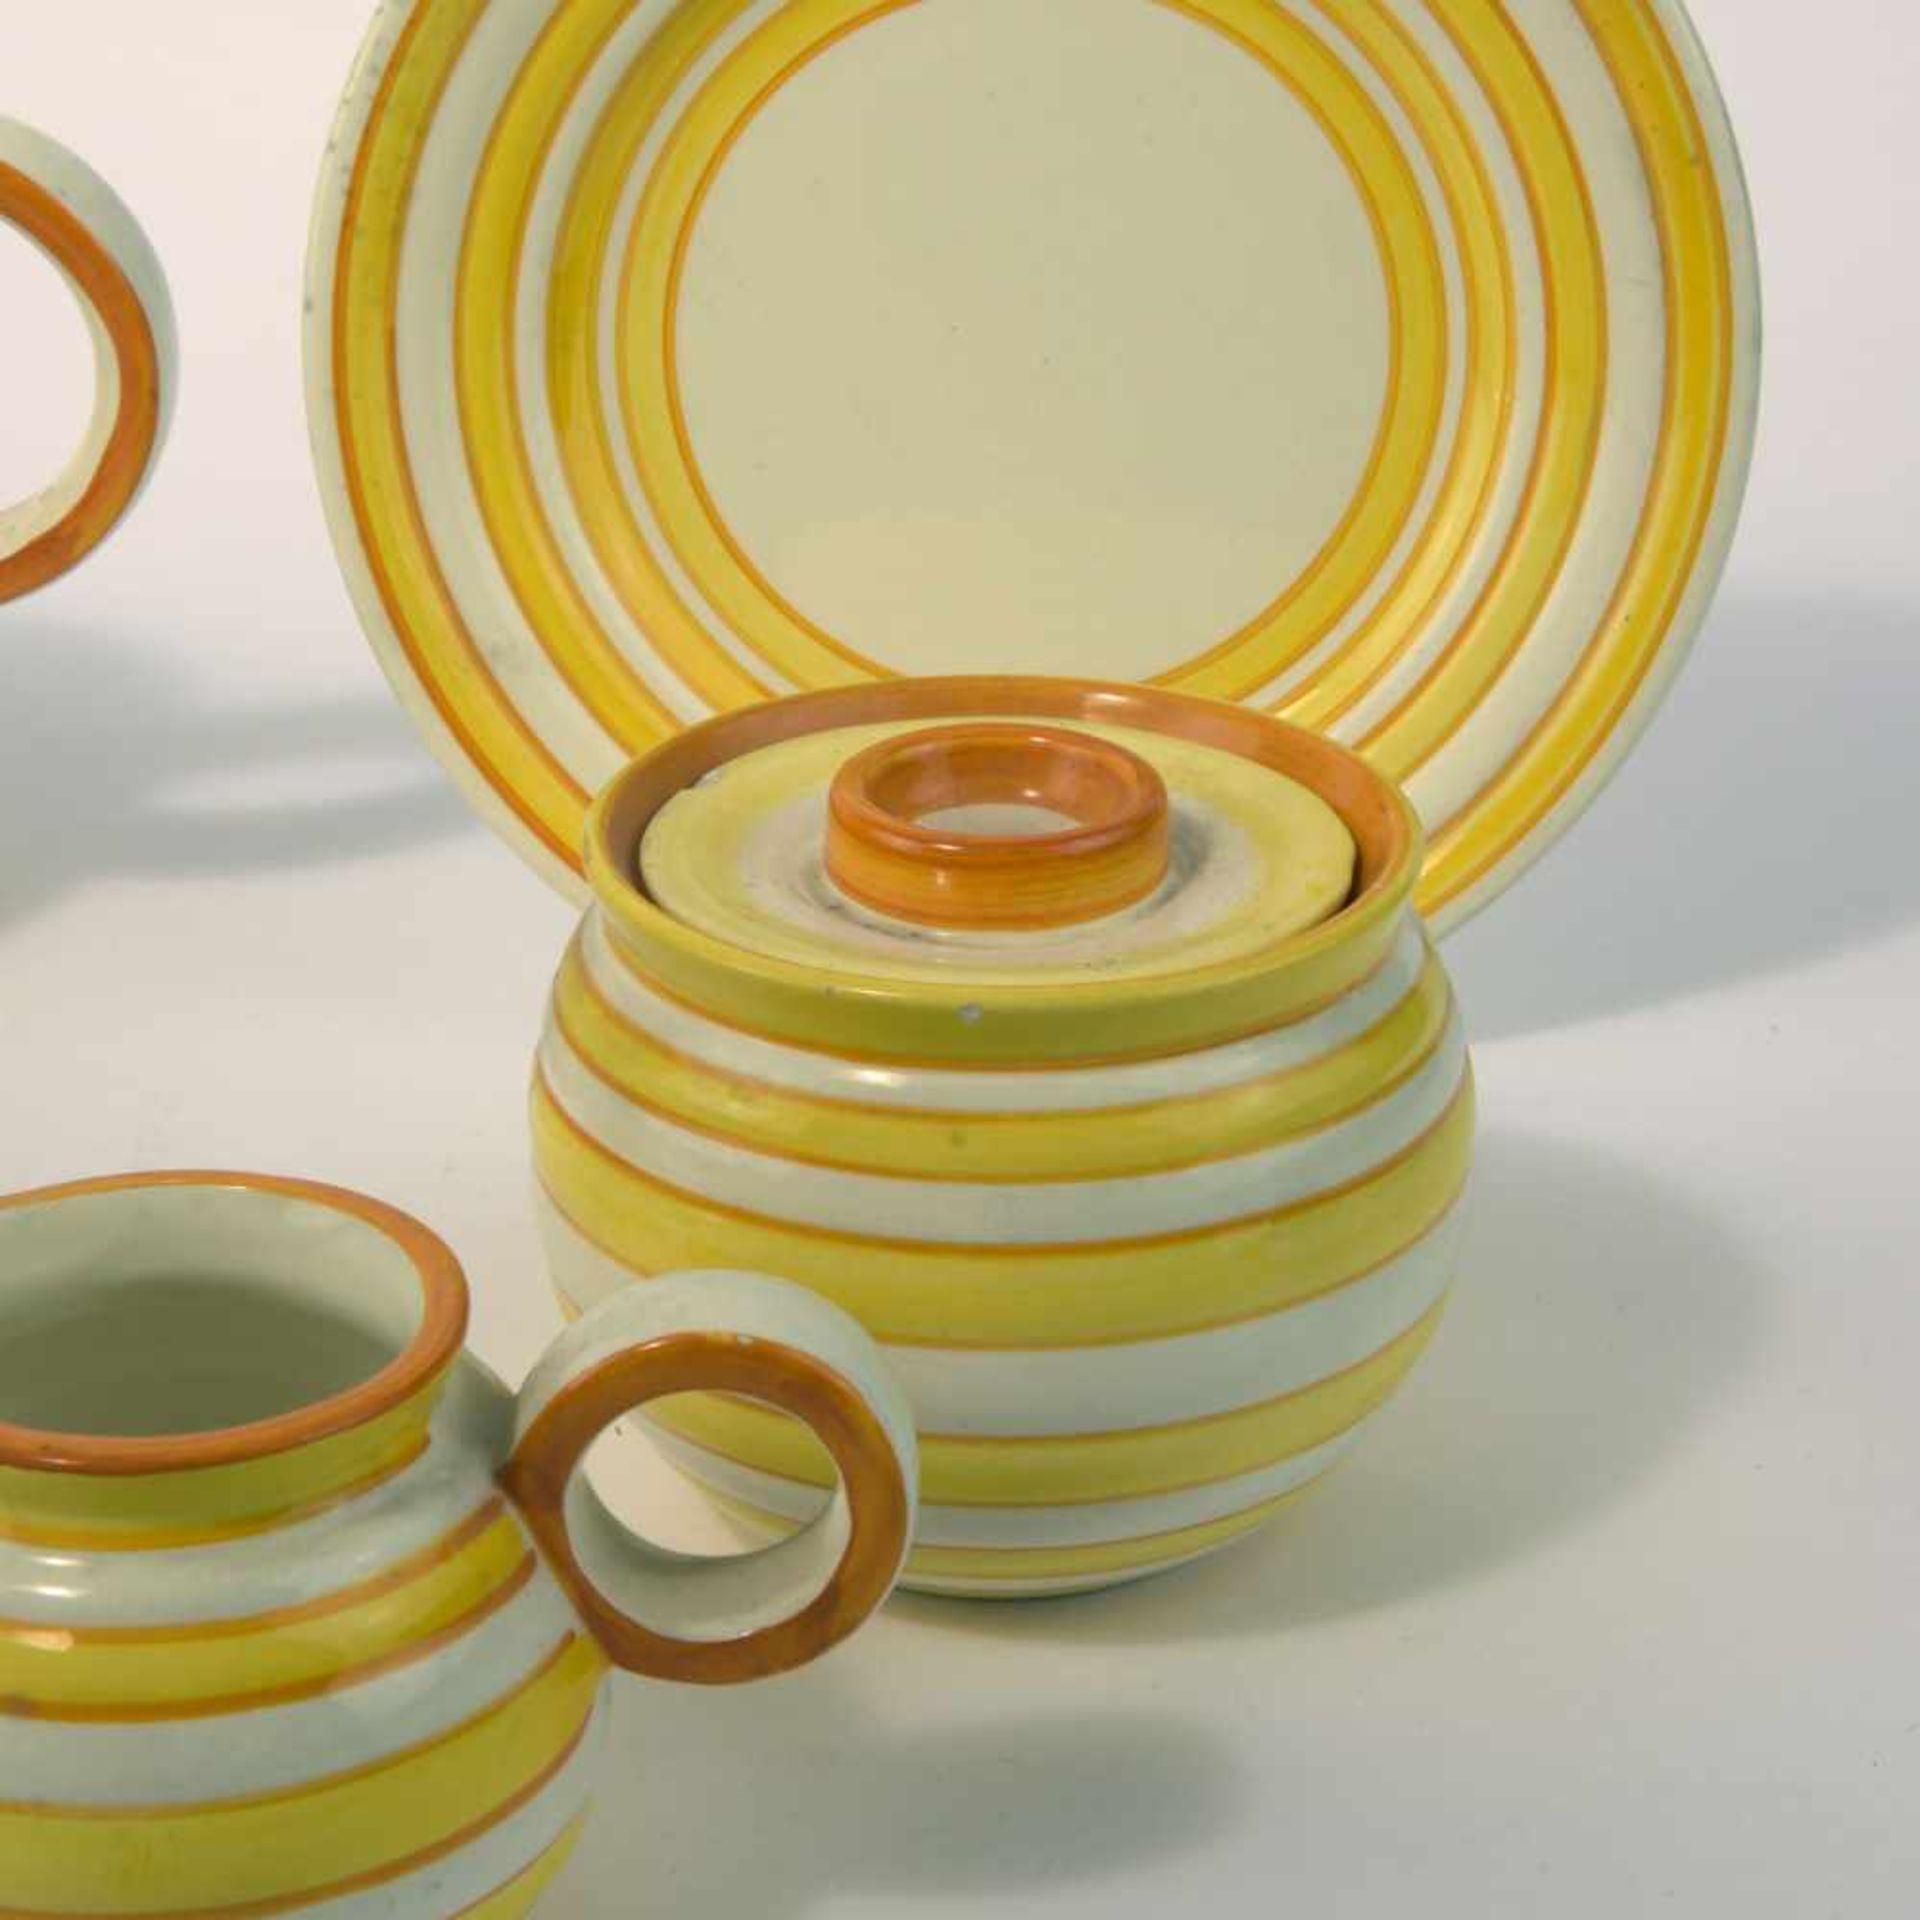 Eva Zeisel-Stricker Teeservice, um 1928 Sechs Teile. Teekanne: H. 12,7 cm; Milchkanne: H. 7,5 cm; - Bild 5 aus 6